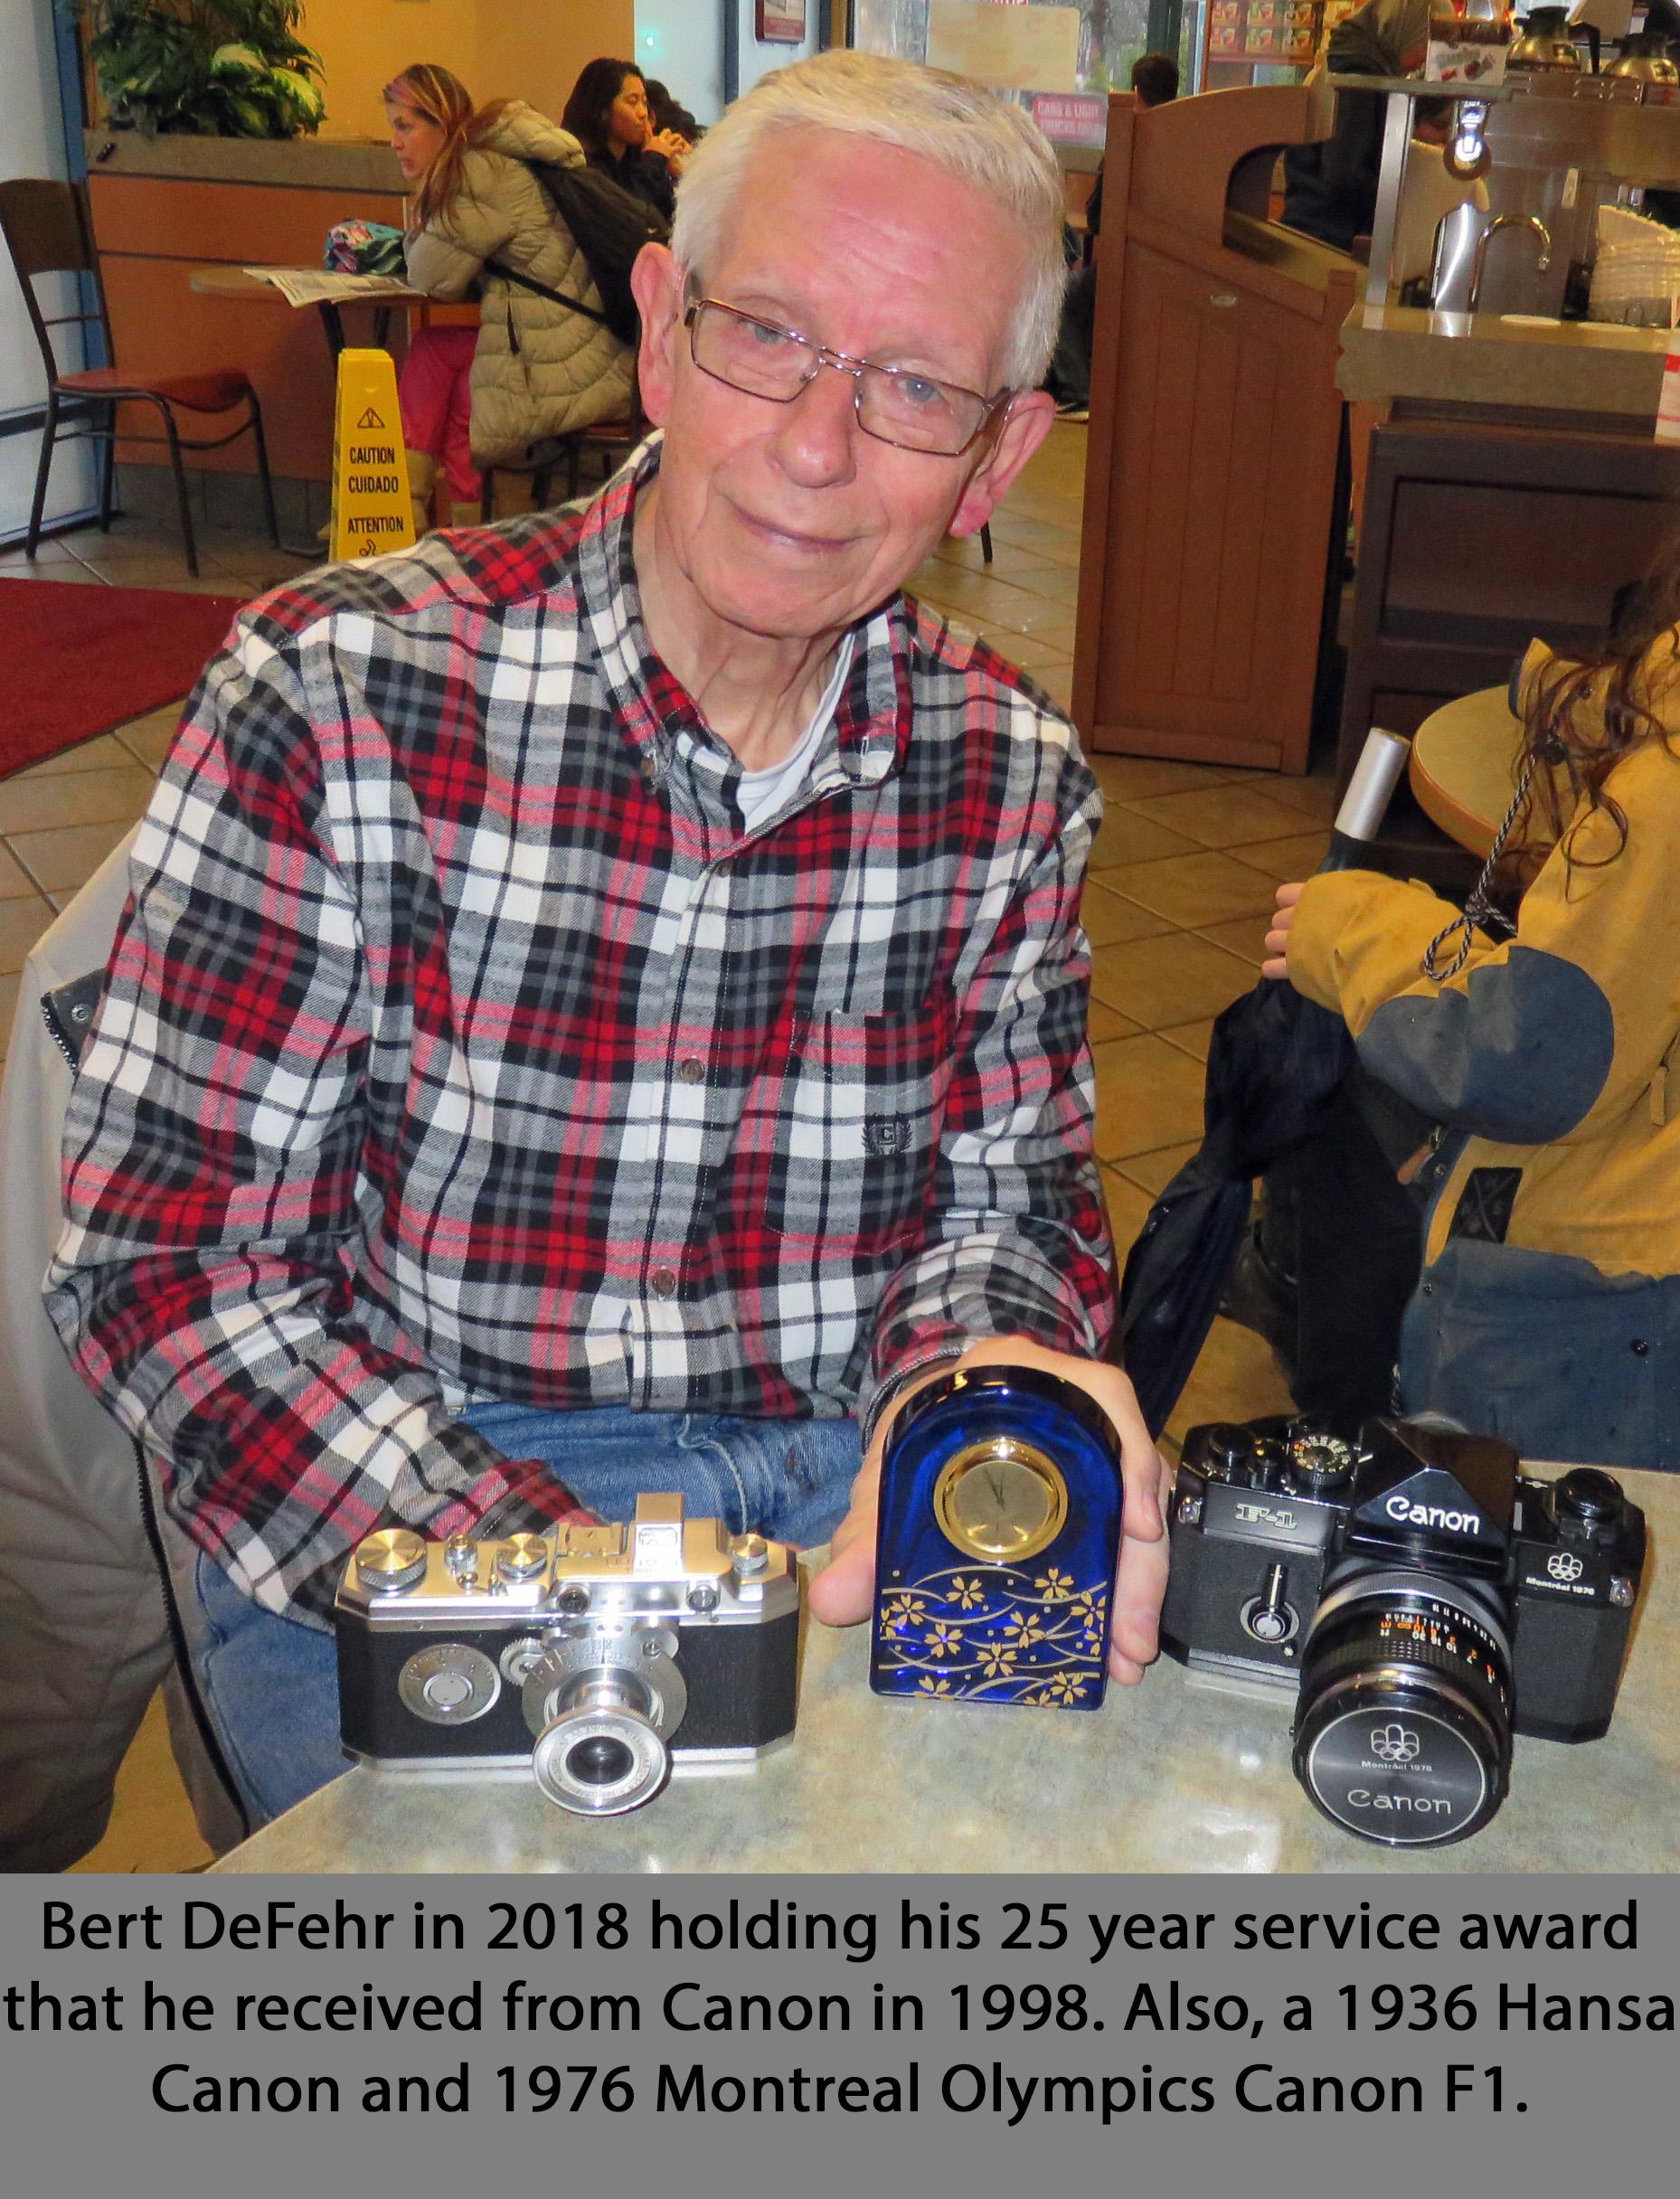 bert and cameras award wix